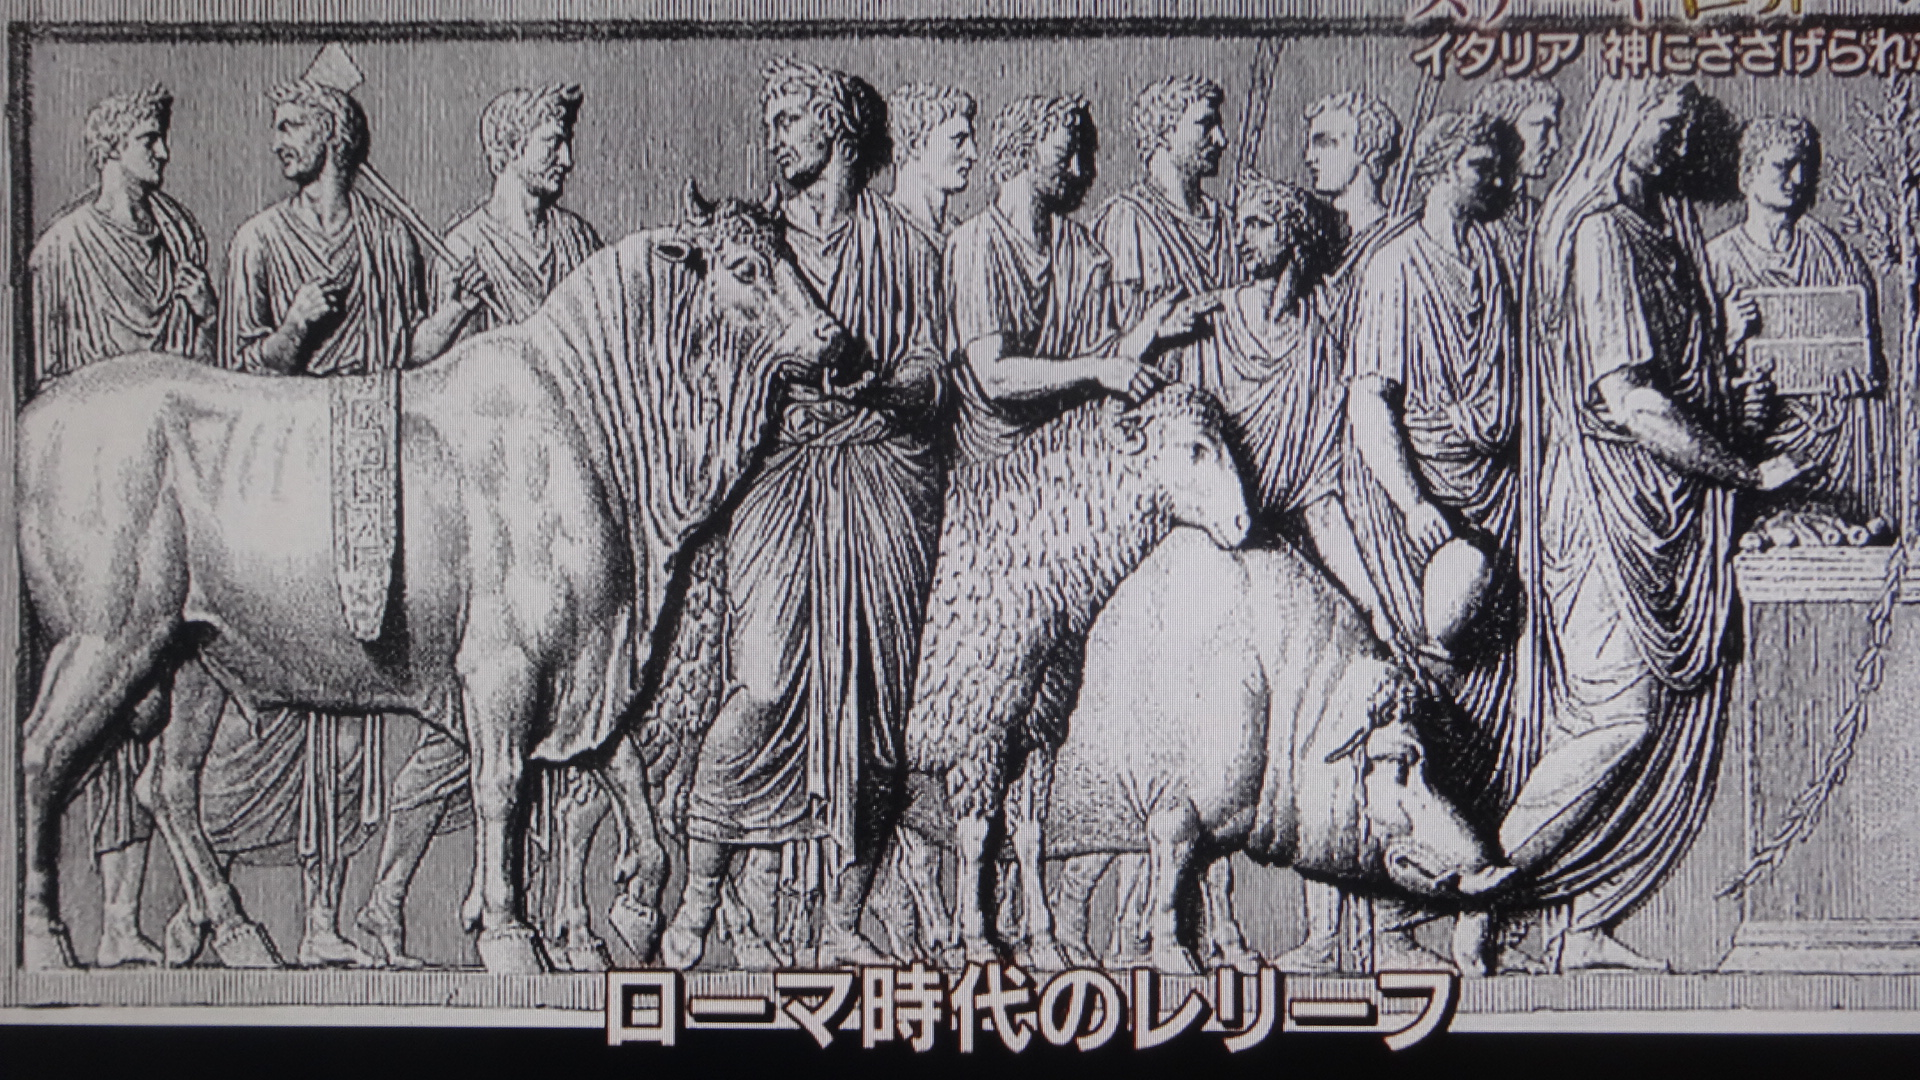 ローマ時代のレリーフに描かれたキアニーナ牛